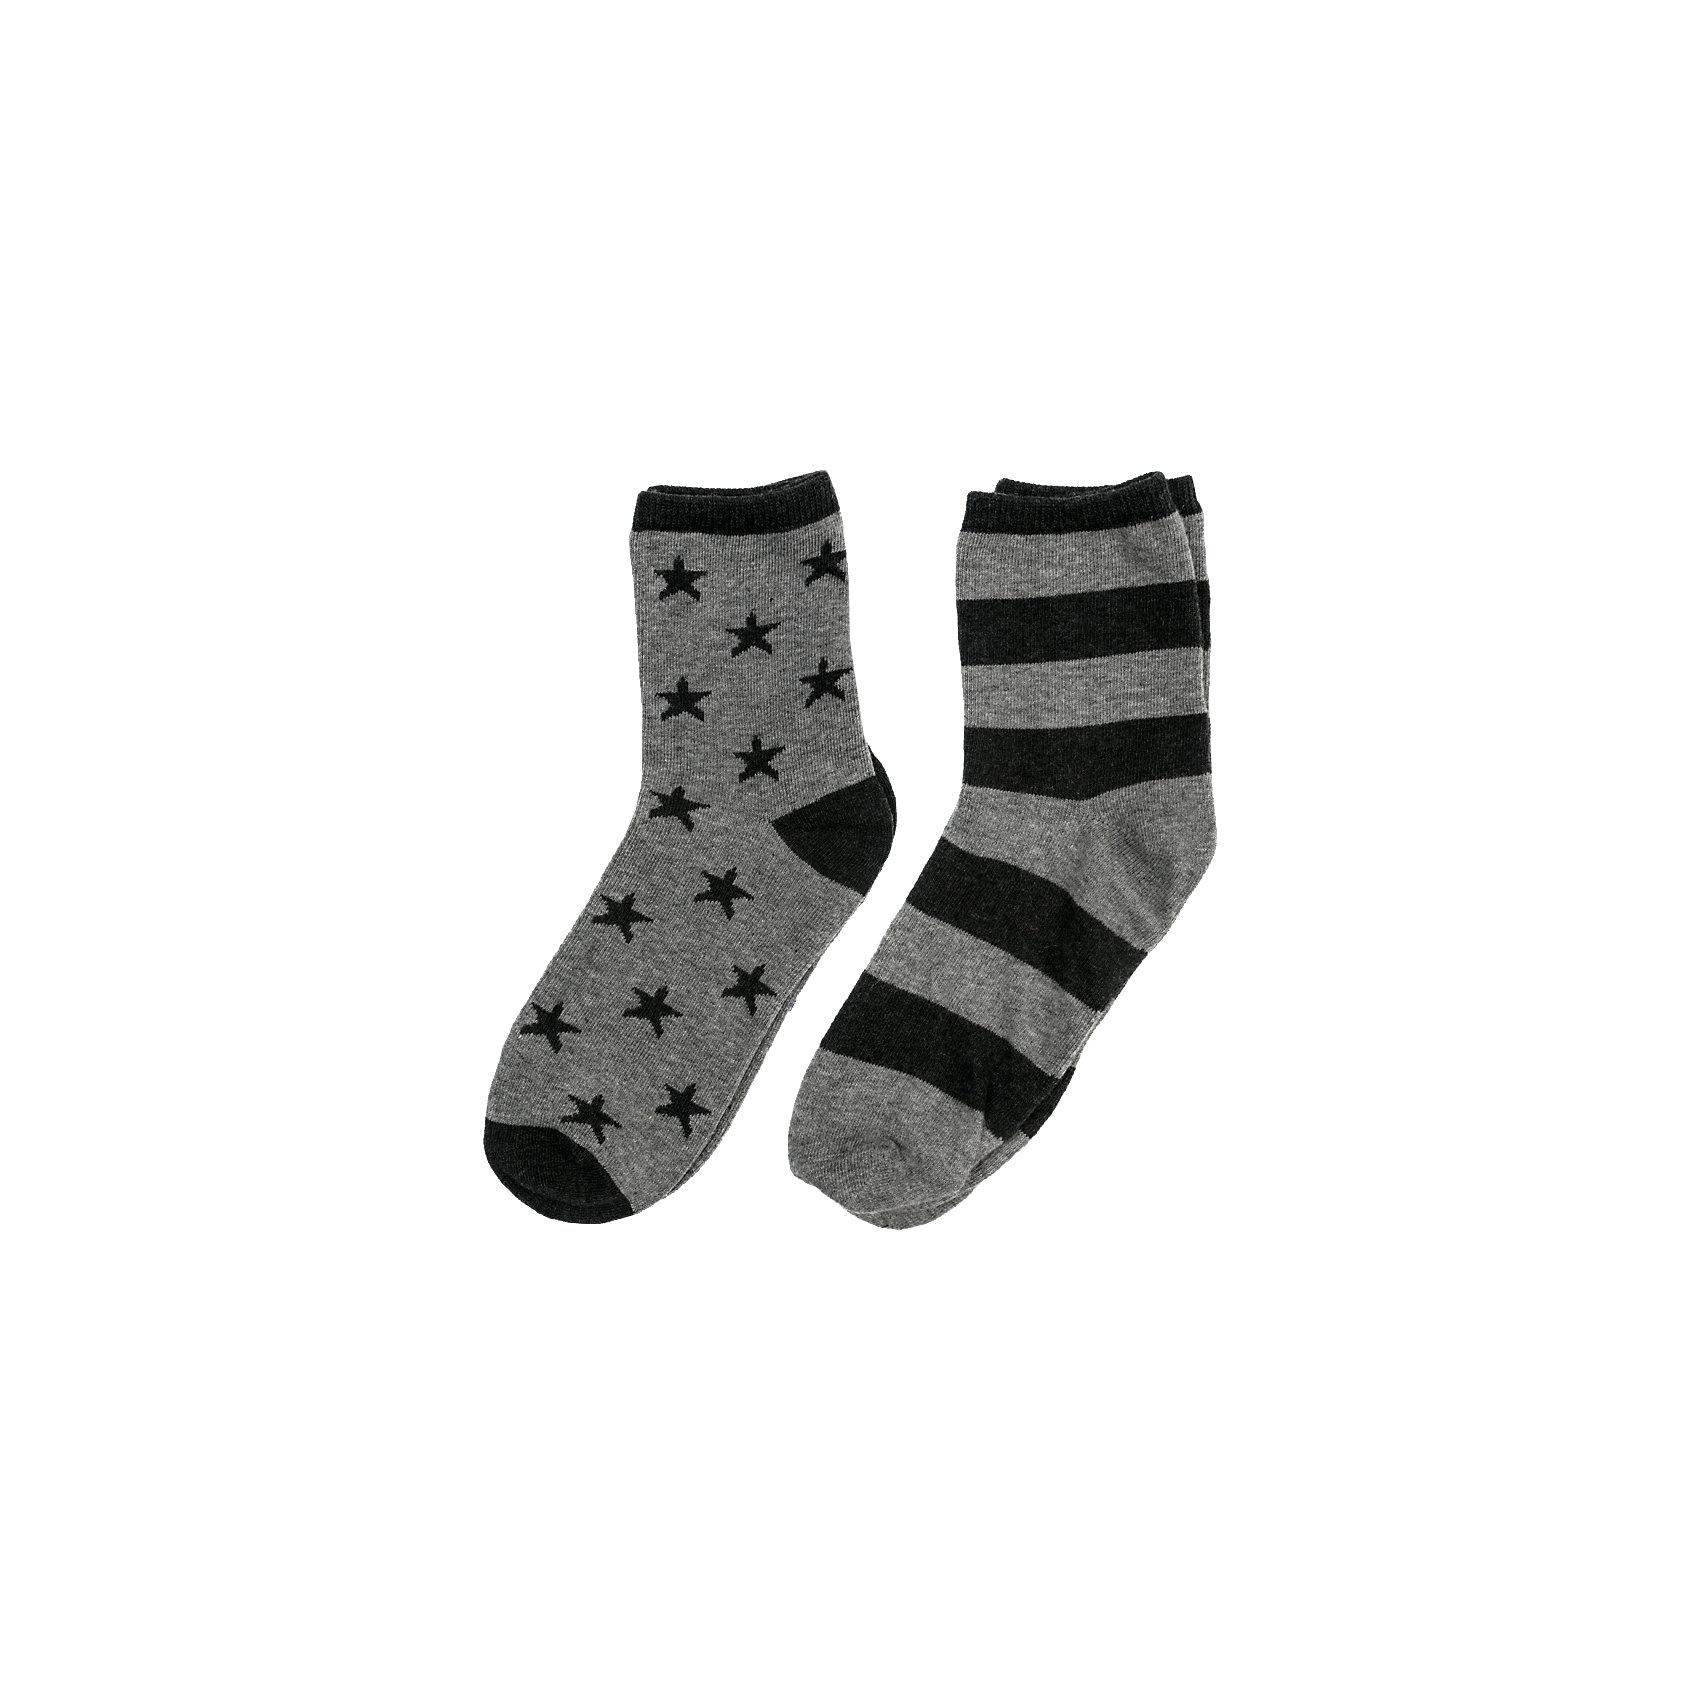 Носки Scool для мальчикаНоски<br>Носки Scool для мальчика<br>Носки с высоким содержанием натурального хлопка, не сковывают движений. Хорошо пропускают воздух, тем самым позволяя коже дышать.  Даже частые стирки, при условии соблюдений рекомендаций по уходу, не изменят ни форму, ни цвет изделия. Метод производства одной модели - yarn dyed - в процессе изготовления в полотне используются разного цвета нити. Вторая модель дополнена жаккардовым рисунком.<br>Состав:<br>75% хлопок, 22% нейлон, 3% эластан<br><br>Ширина мм: 87<br>Глубина мм: 10<br>Высота мм: 105<br>Вес г: 115<br>Цвет: черный/серый<br>Возраст от месяцев: 156<br>Возраст до месяцев: 168<br>Пол: Мужской<br>Возраст: Детский<br>Размер: 24,20,22<br>SKU: 7104836